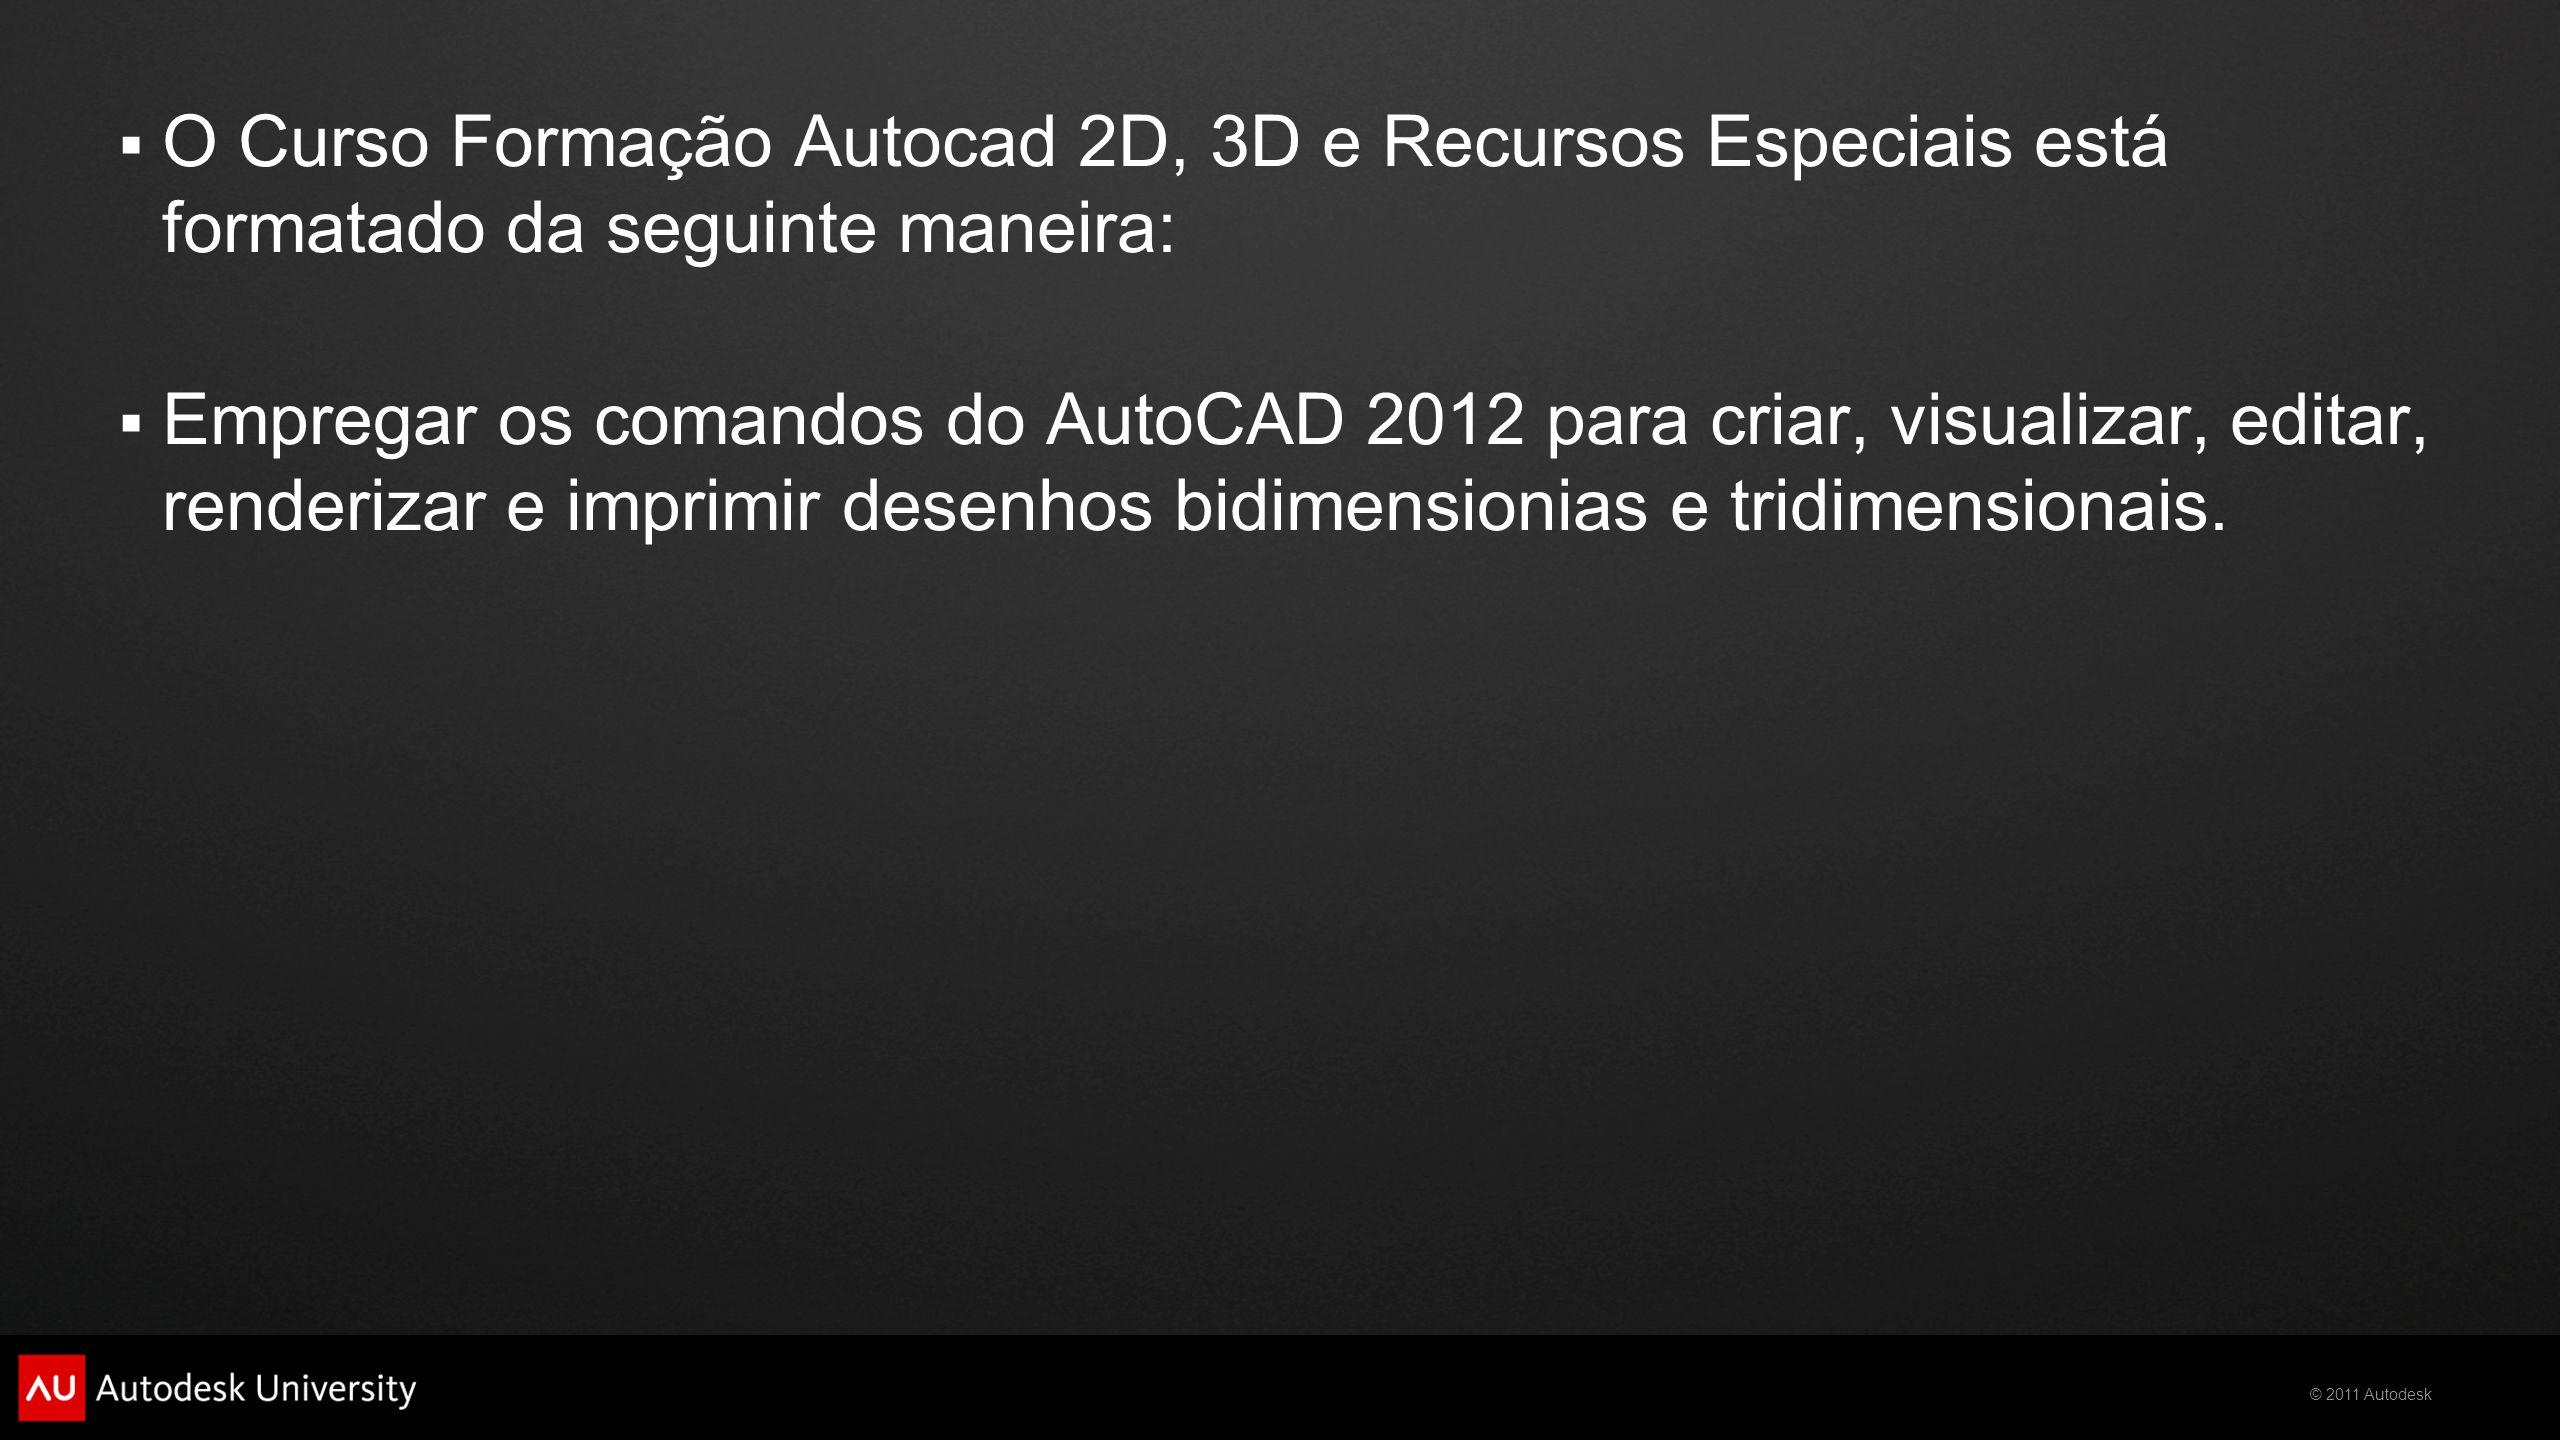  O Curso Formação Autocad 2D, 3D e Recursos Especiais está formatado da seguinte maneira:  Empregar os comandos do AutoCAD 2012 para criar, visualiz